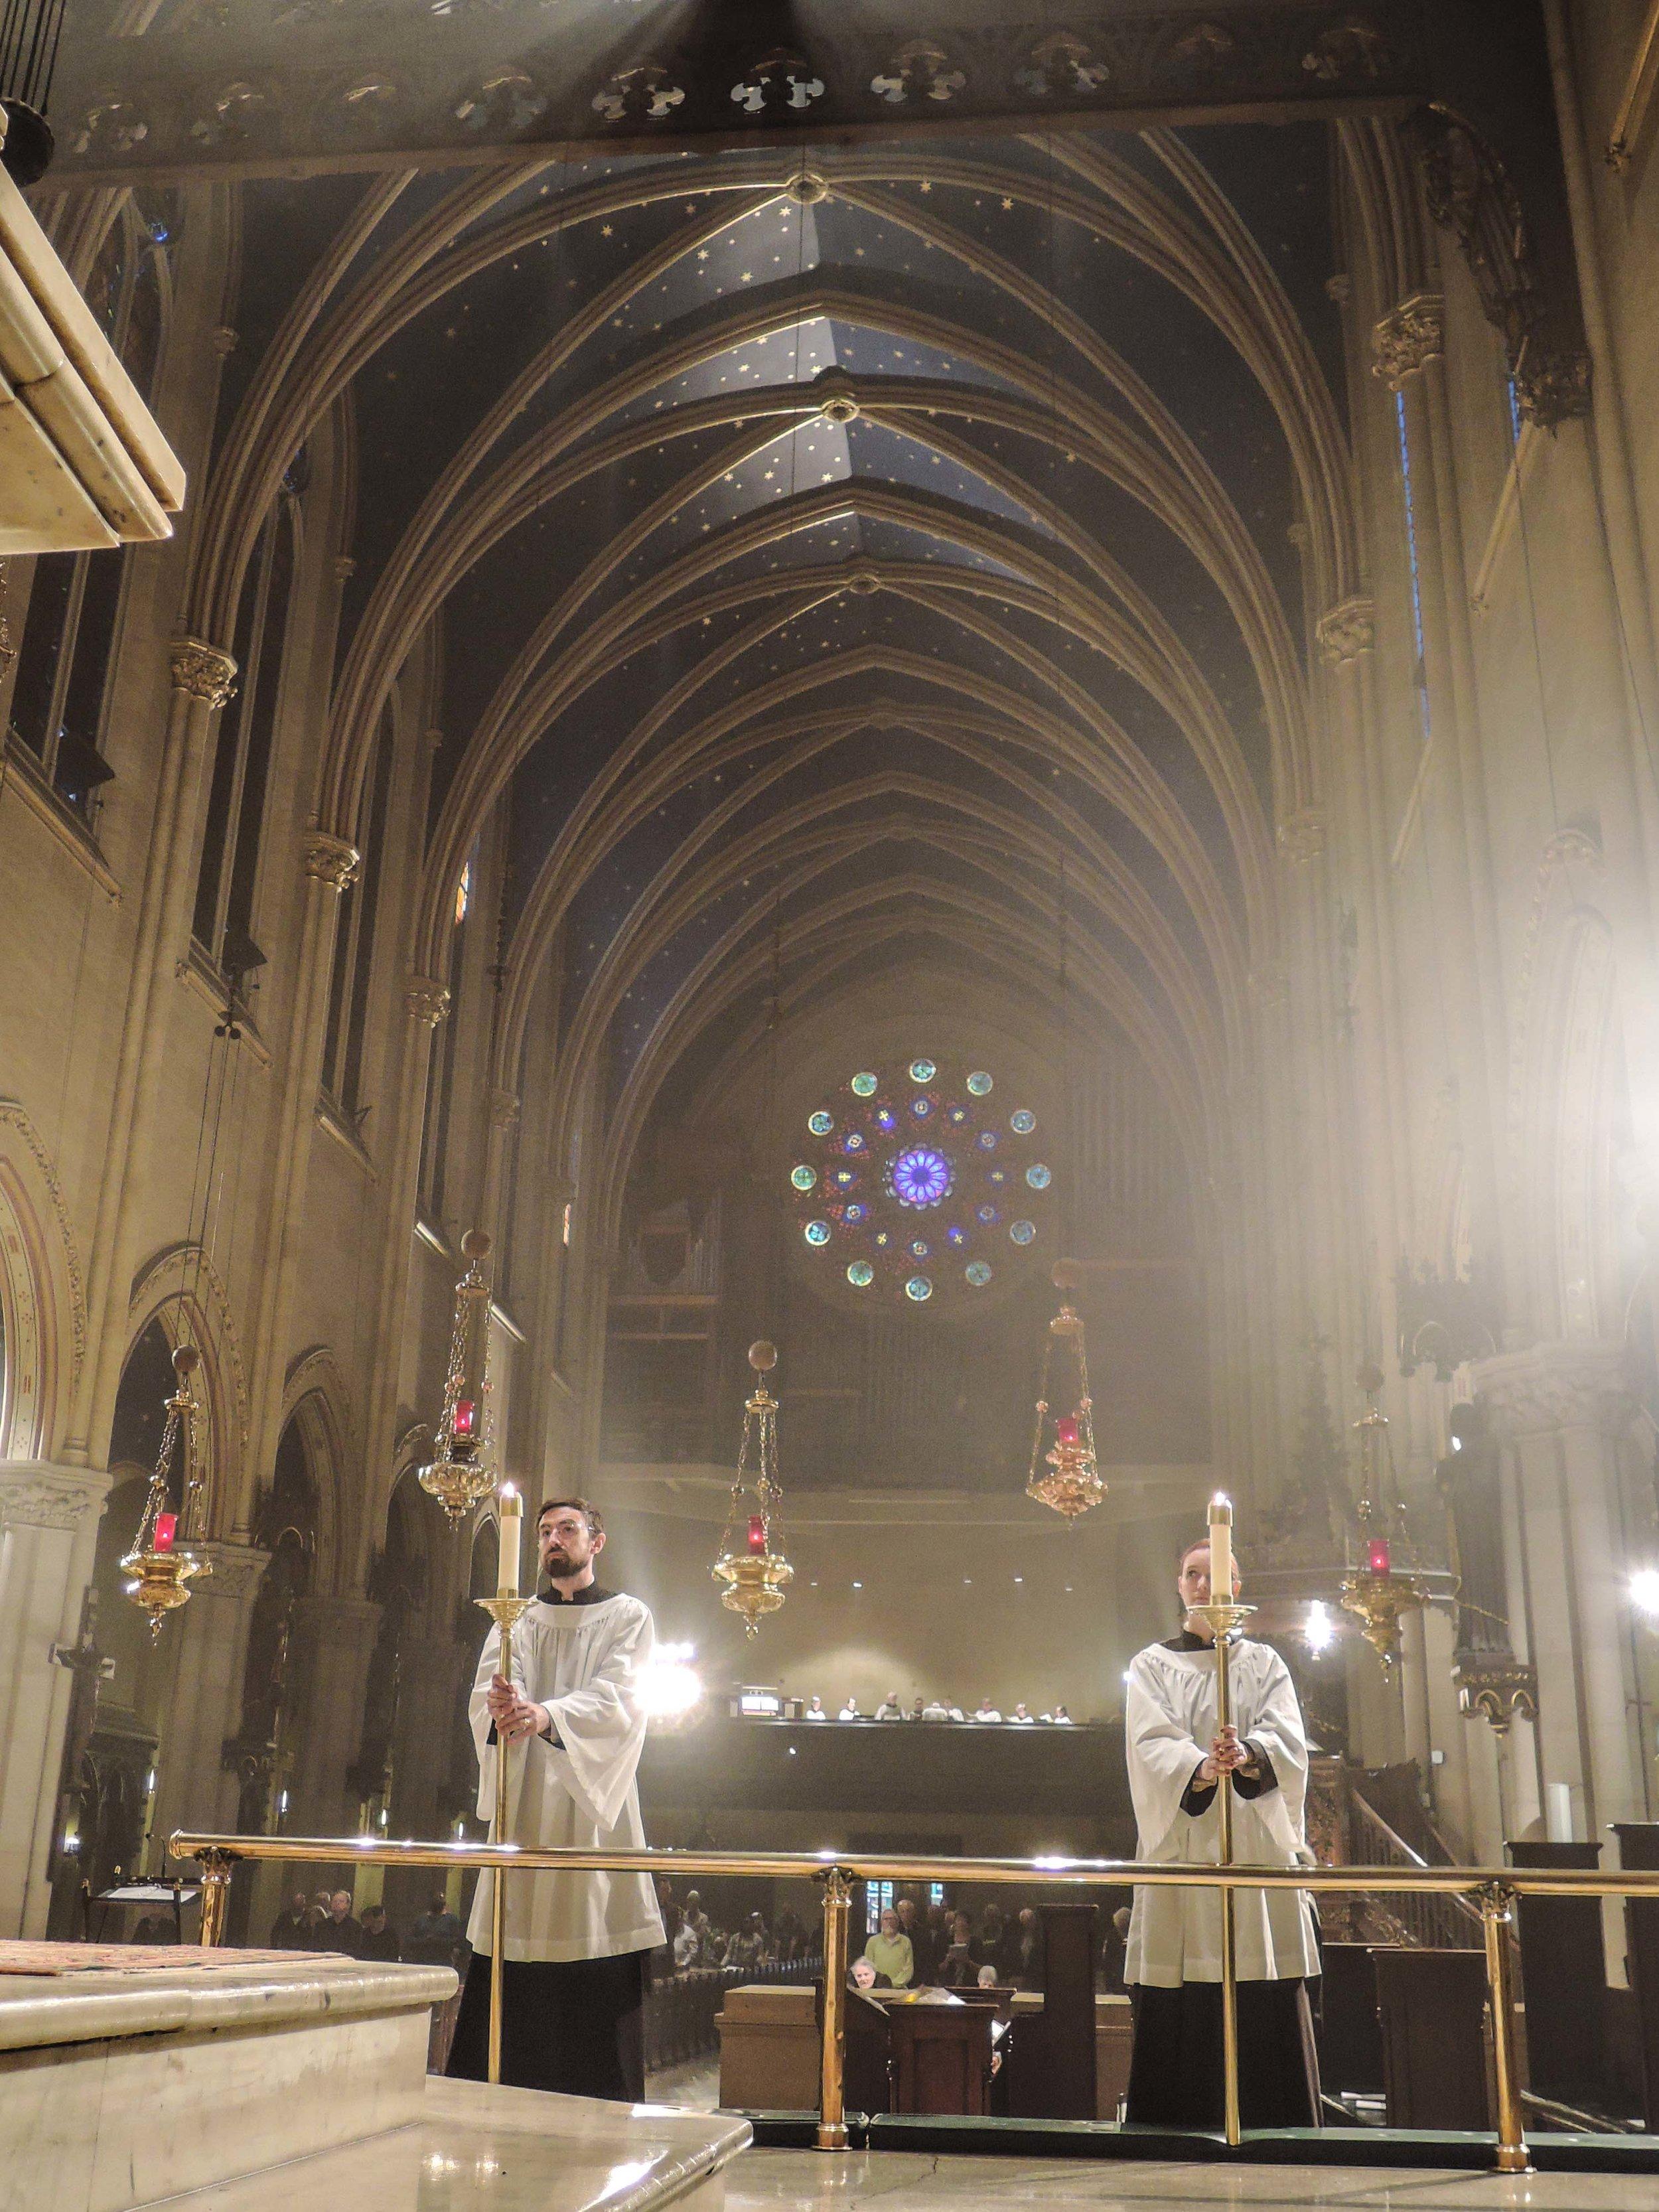 At Solemn Mass